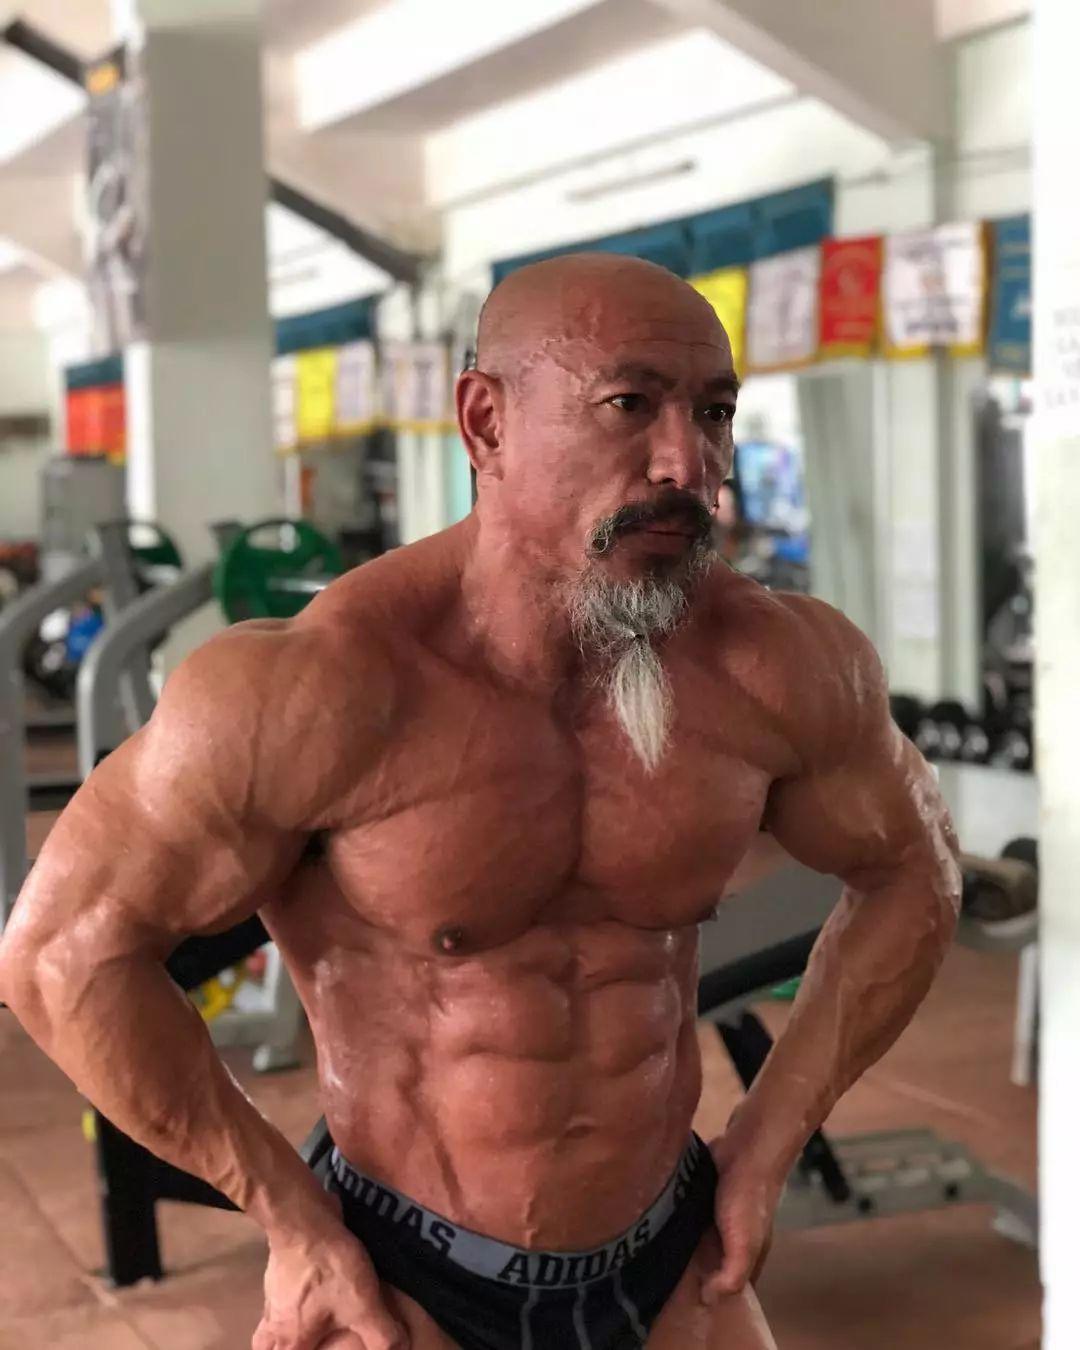 健硕的麒麟臂,发达的胸肌,年过半百依旧荷尔蒙爆棚;